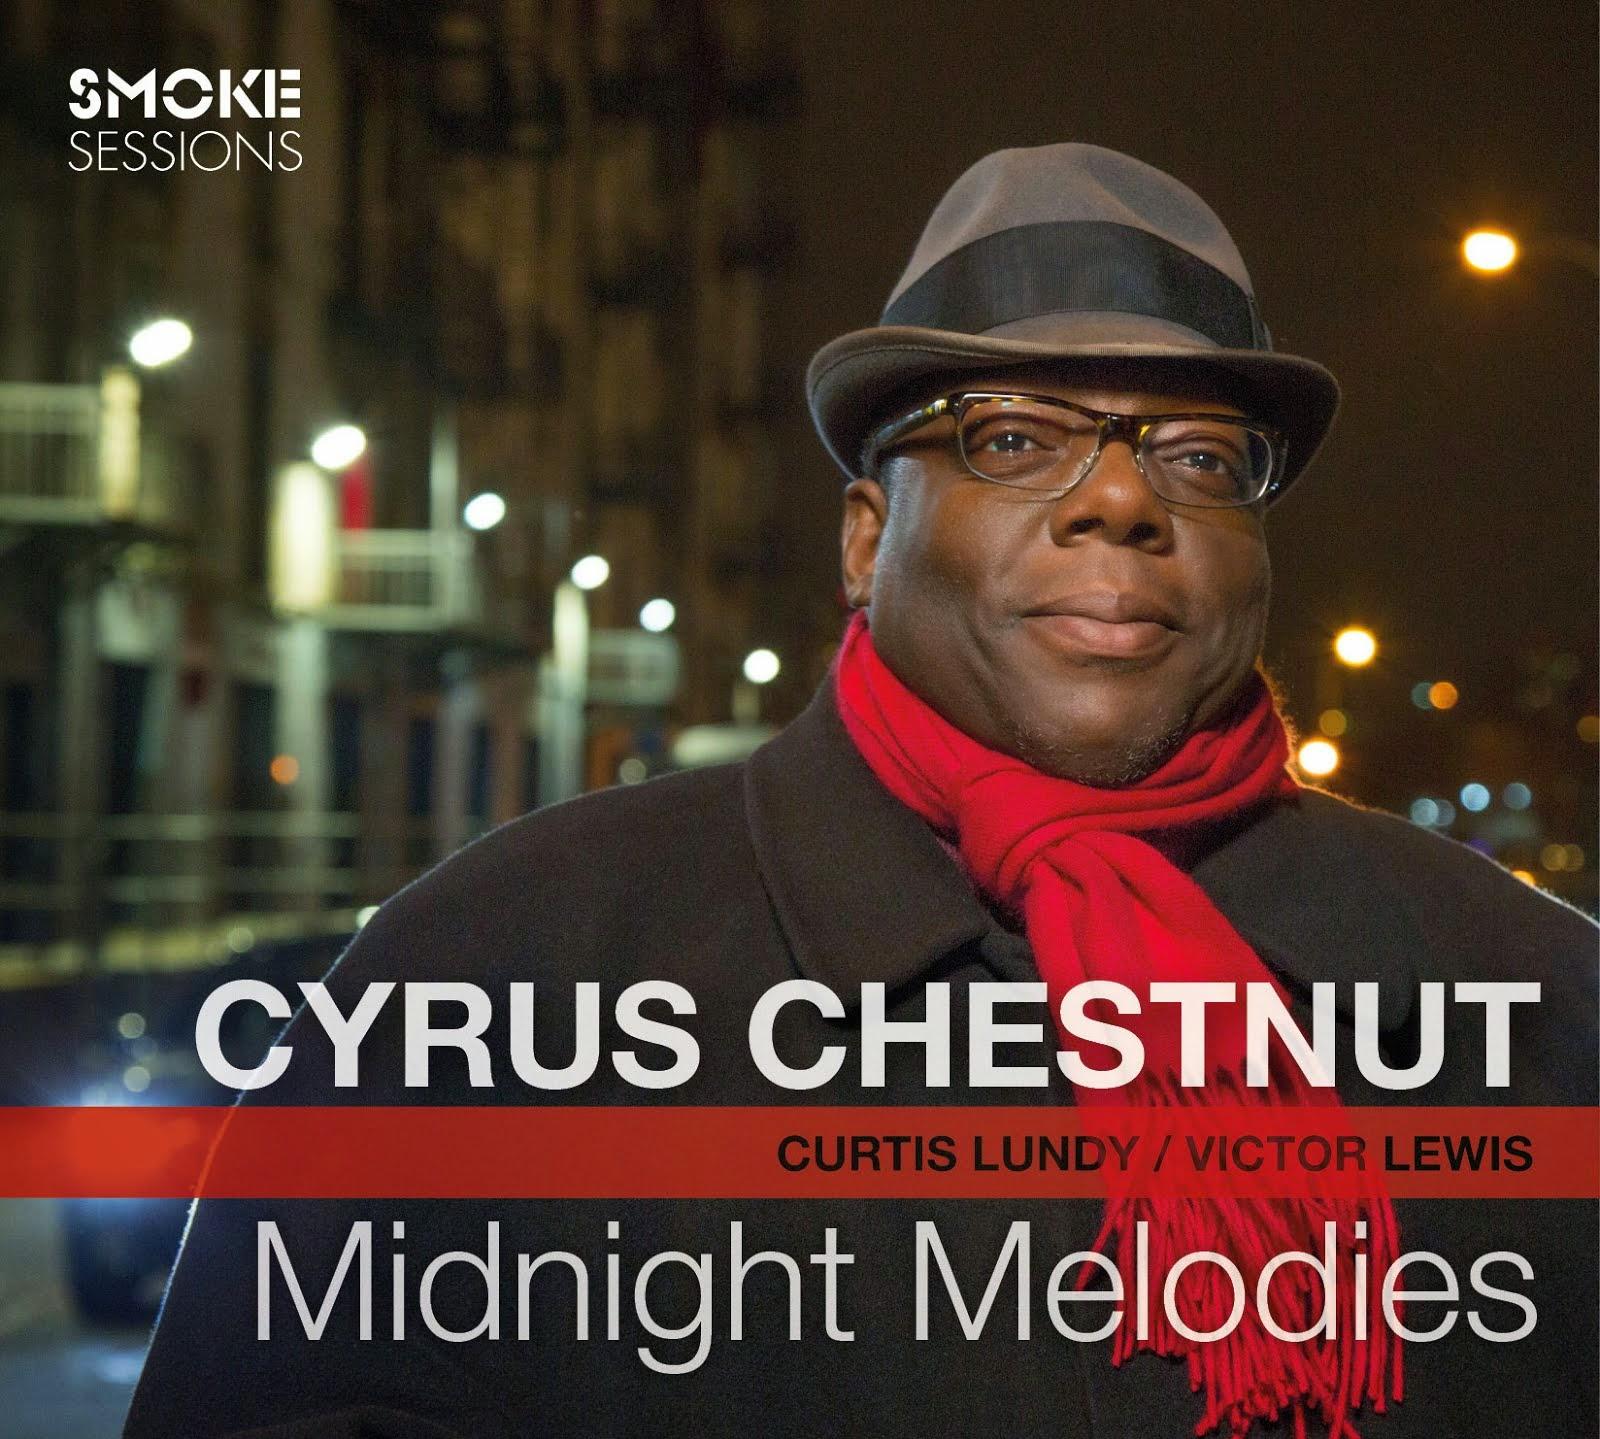 CYRUS CHESTNUT: MIDNIGHT MELODIES